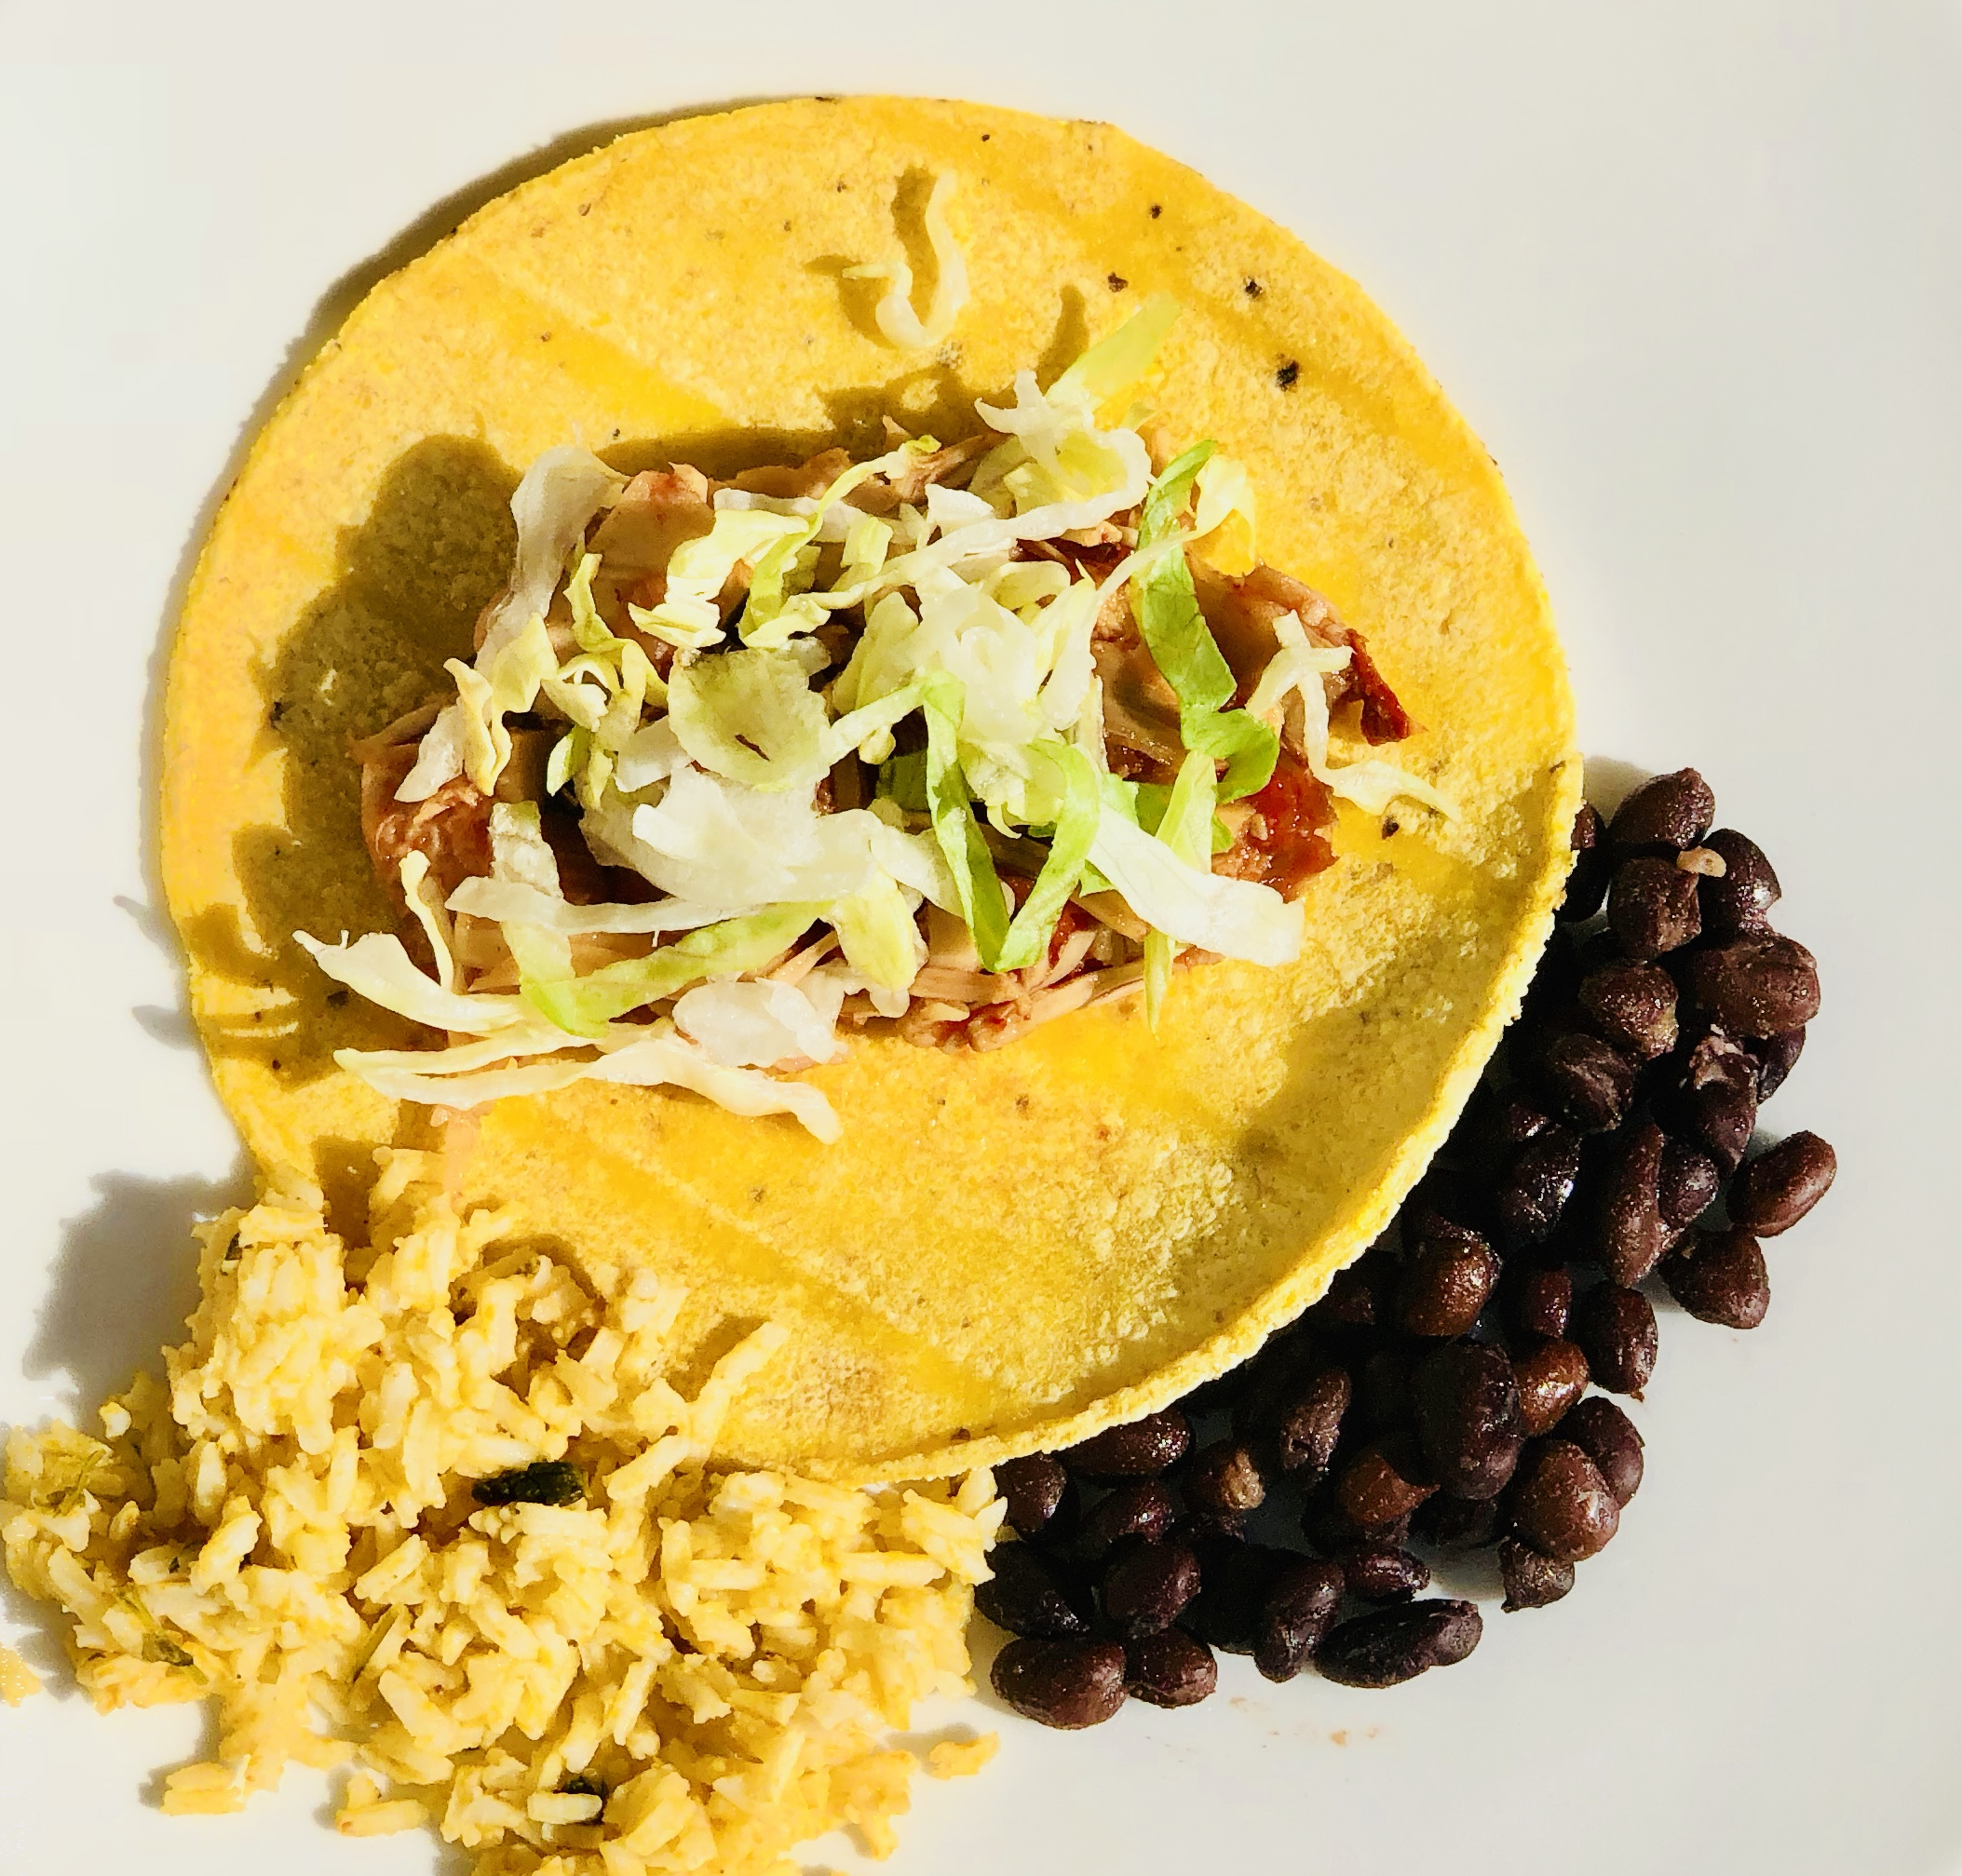 Easy Vegan Slow cooker Jackfruit Tacos